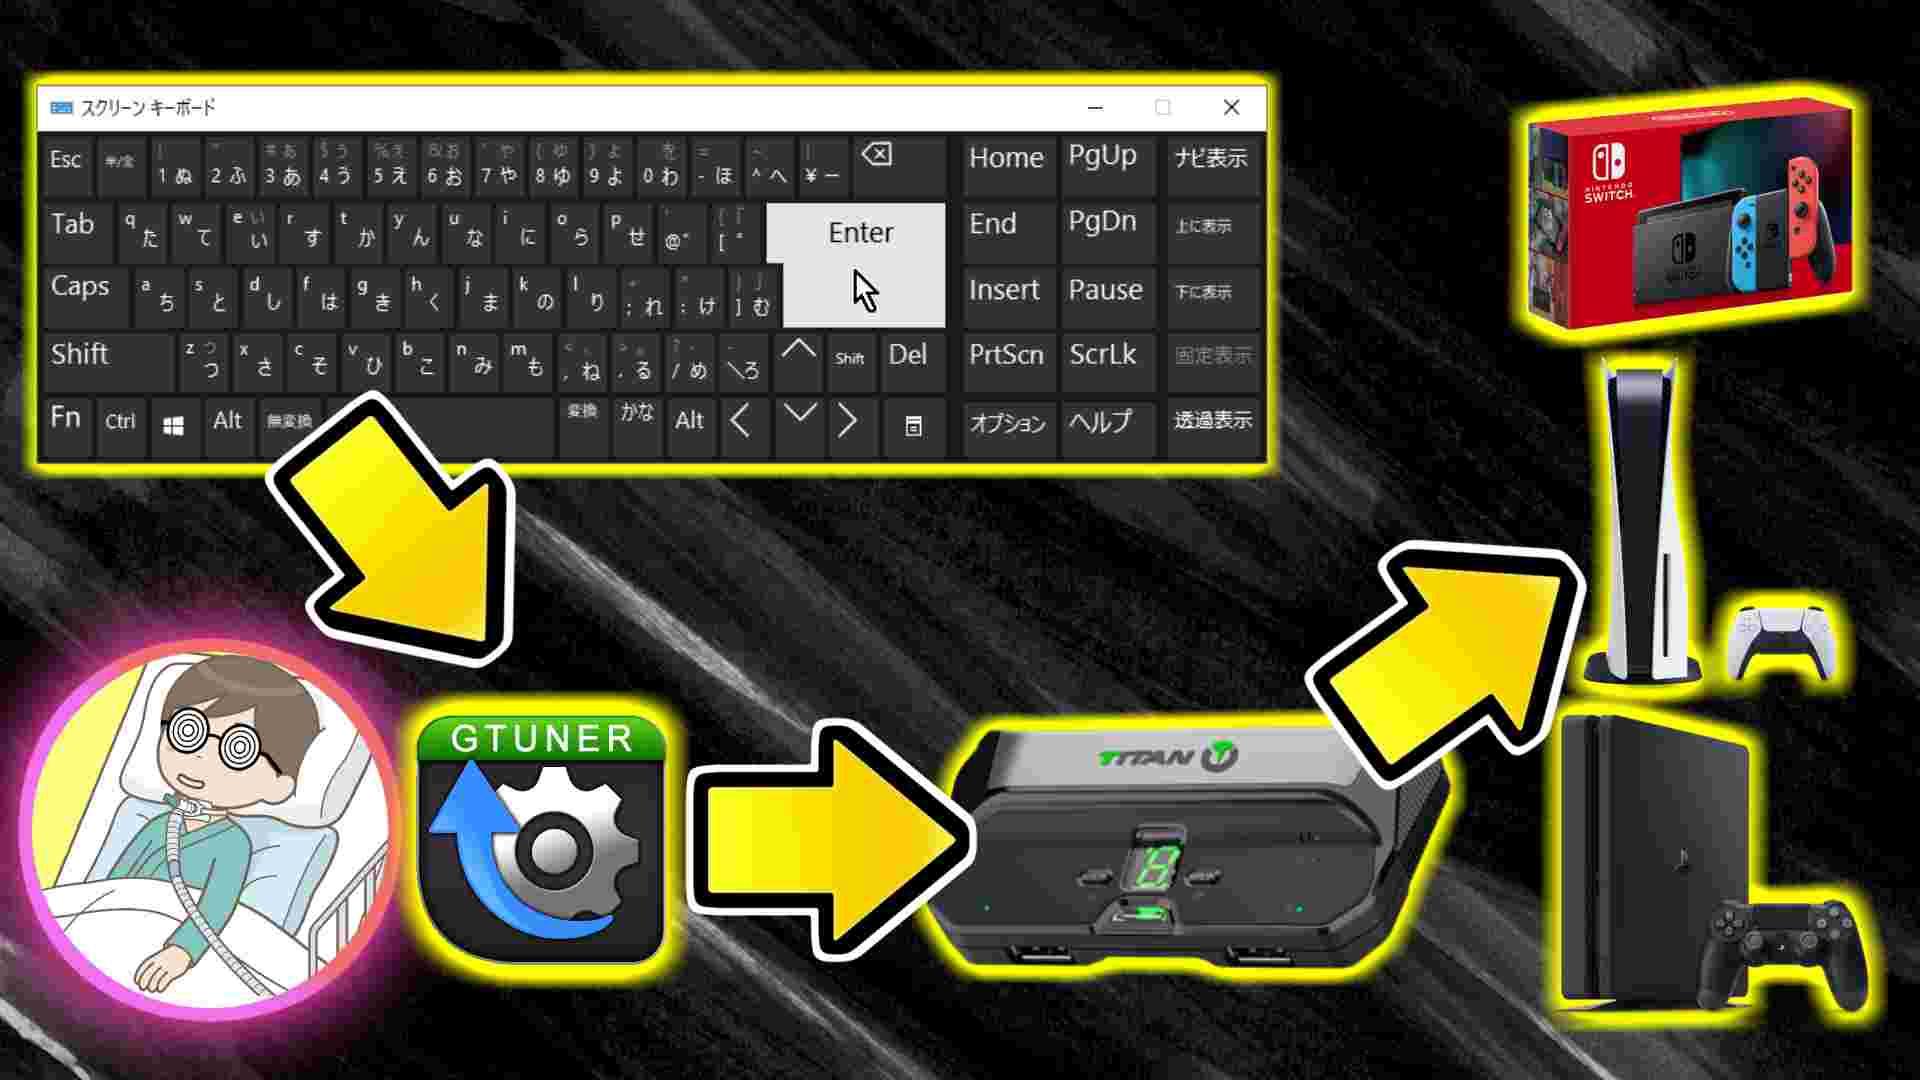 ブログ記事「Nintendo Switch/PS5/PS4をスクリーンキーボードとTitan Twoで操作(Titan Two純正アプリGtuner IVのKMG Capture機能)」のサムネイル画像